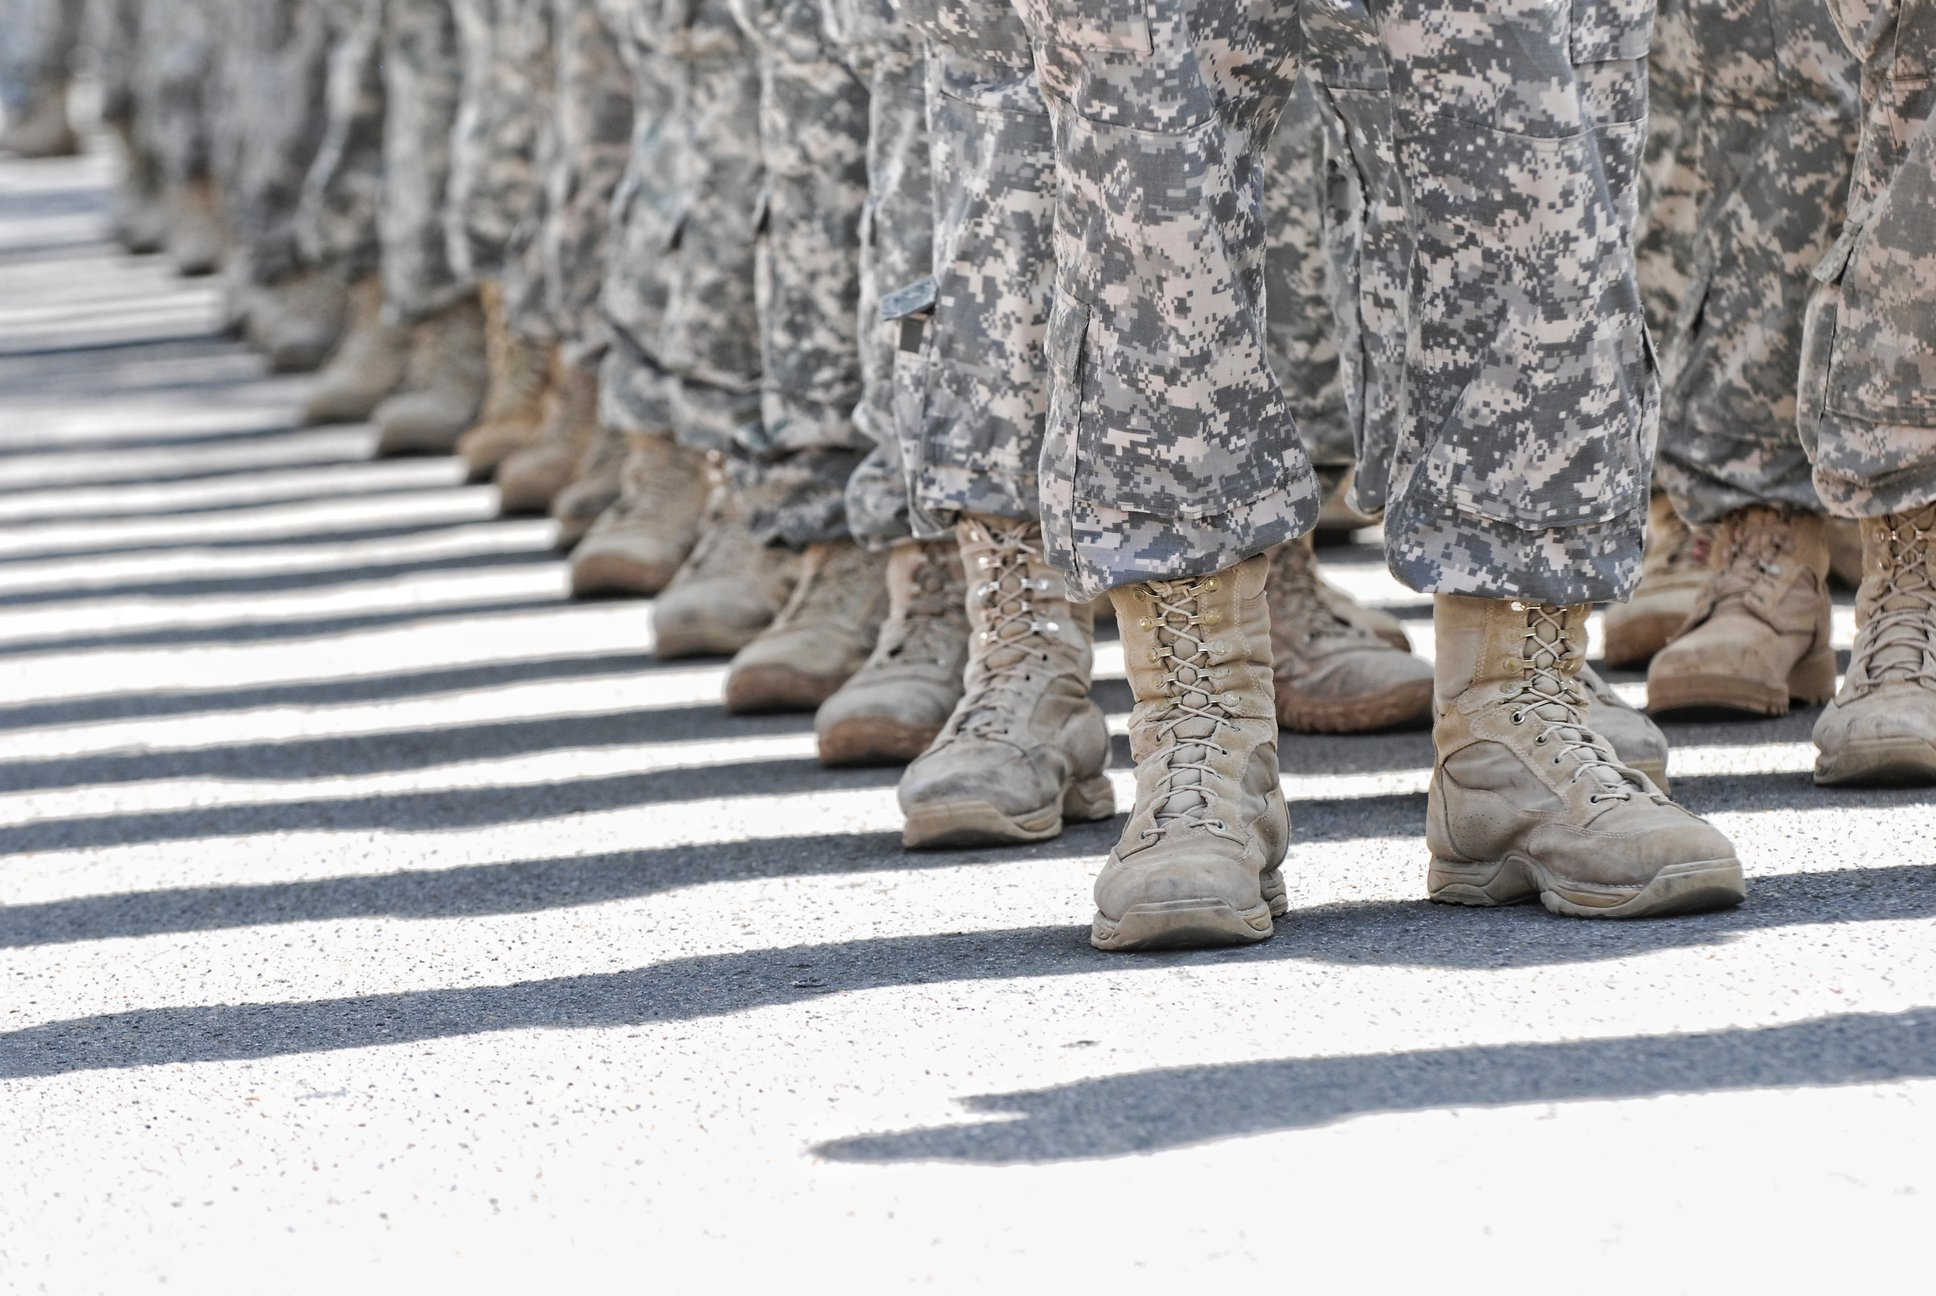 Politische Bildung bei der Bundeswehr ist ein wichtiges Führungsinstrument und widerspricht doch dem Bild von Befehl und Gehorsam.